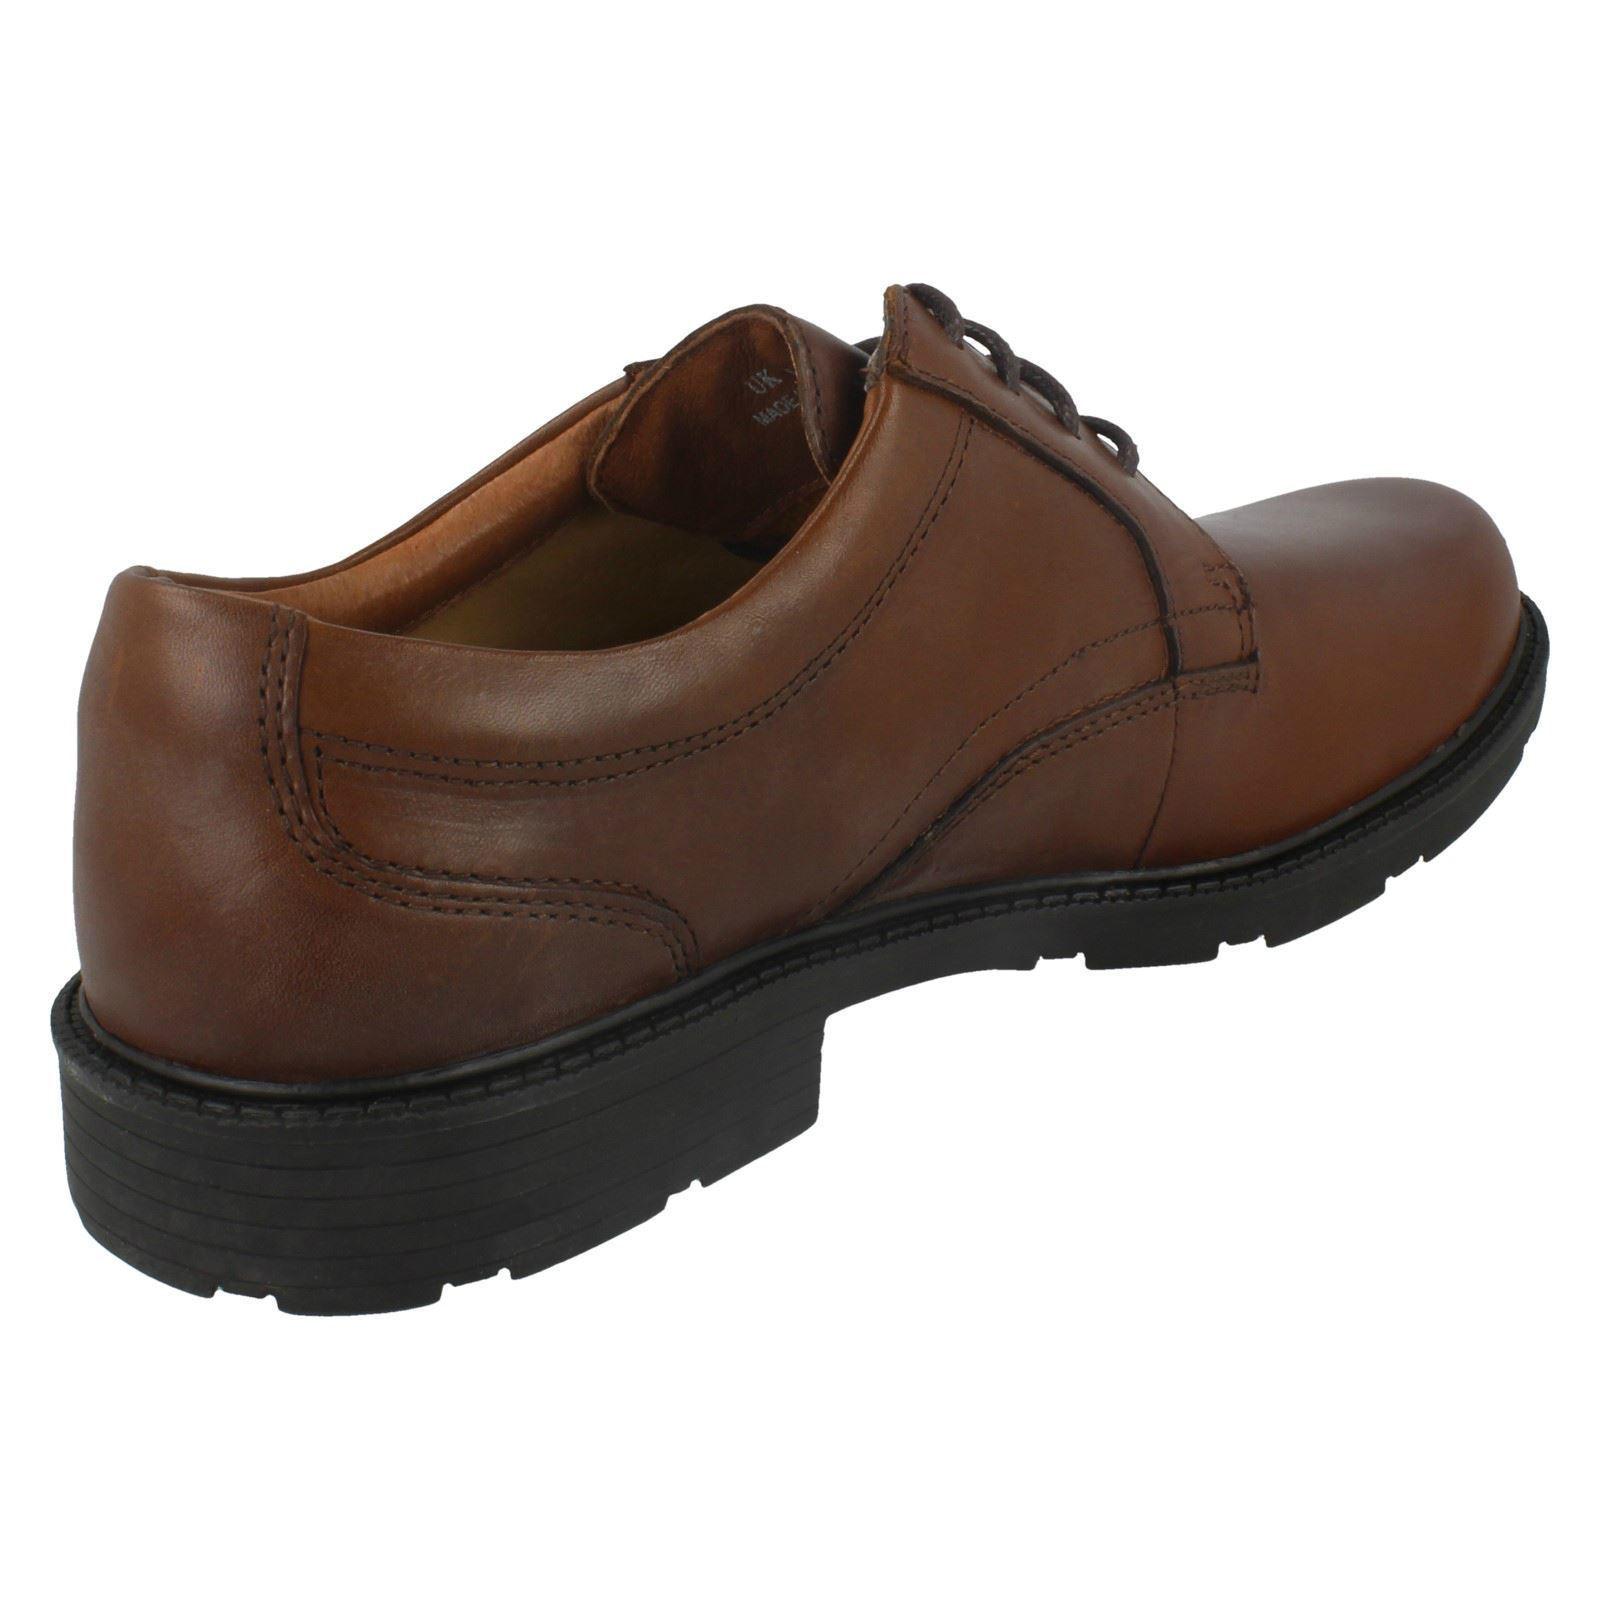 039-Mens-Clarks-039-Formal-Lace-Up-Shoes-Lair-Plain